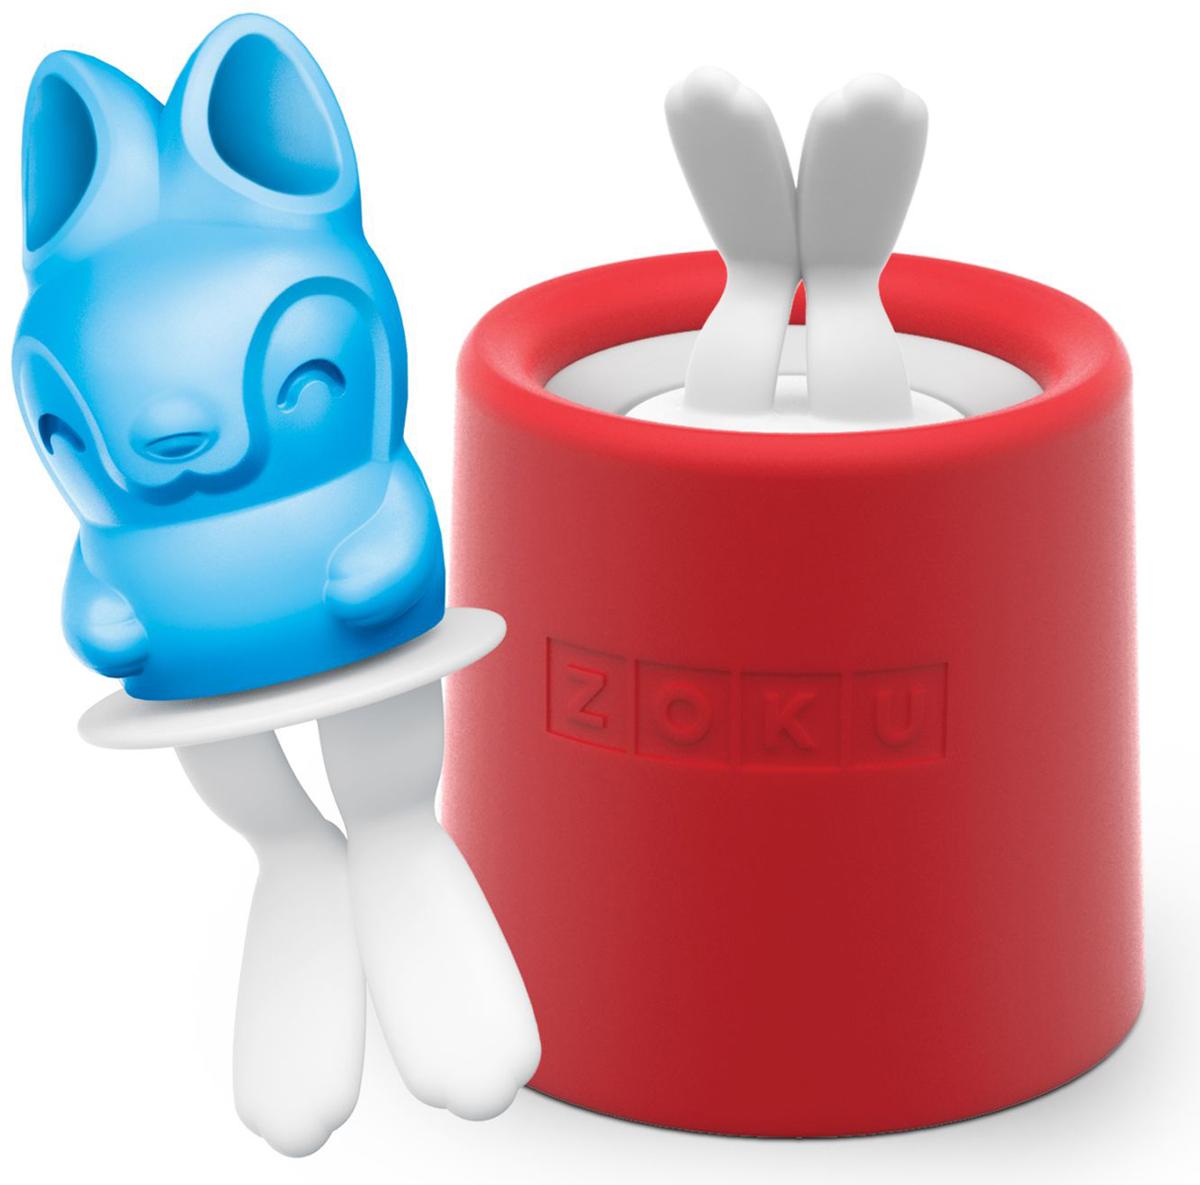 Форма для мороженого Zoku Bunny Ice, цвет: красный, 45 мл. ZK123-013ZK123-013Уникальная коллекция формочек для мороженого включает в себя 8 разных фигурок, с помощью которых вы сможете готовить вкусные и полезные домашние десерты. Теперь каждому члену семьи достанется свой персонаж, и не придется путаться в том, кому и какое лакомство принадлежит. Для приготовления десерта залейте жидкость в формуZoku Bunny Ice до отметки и вставьте внутрь палочку. Оставьте в морозильной камере на восемь и более часов. Когда продукт готов, просто вытащите палочку и наслаждайтесь натуральным мороженым собственного приготовления. Форма не содержит вредных примесей и бисфенола-А. Моется вручную.Объем - 45 мл.